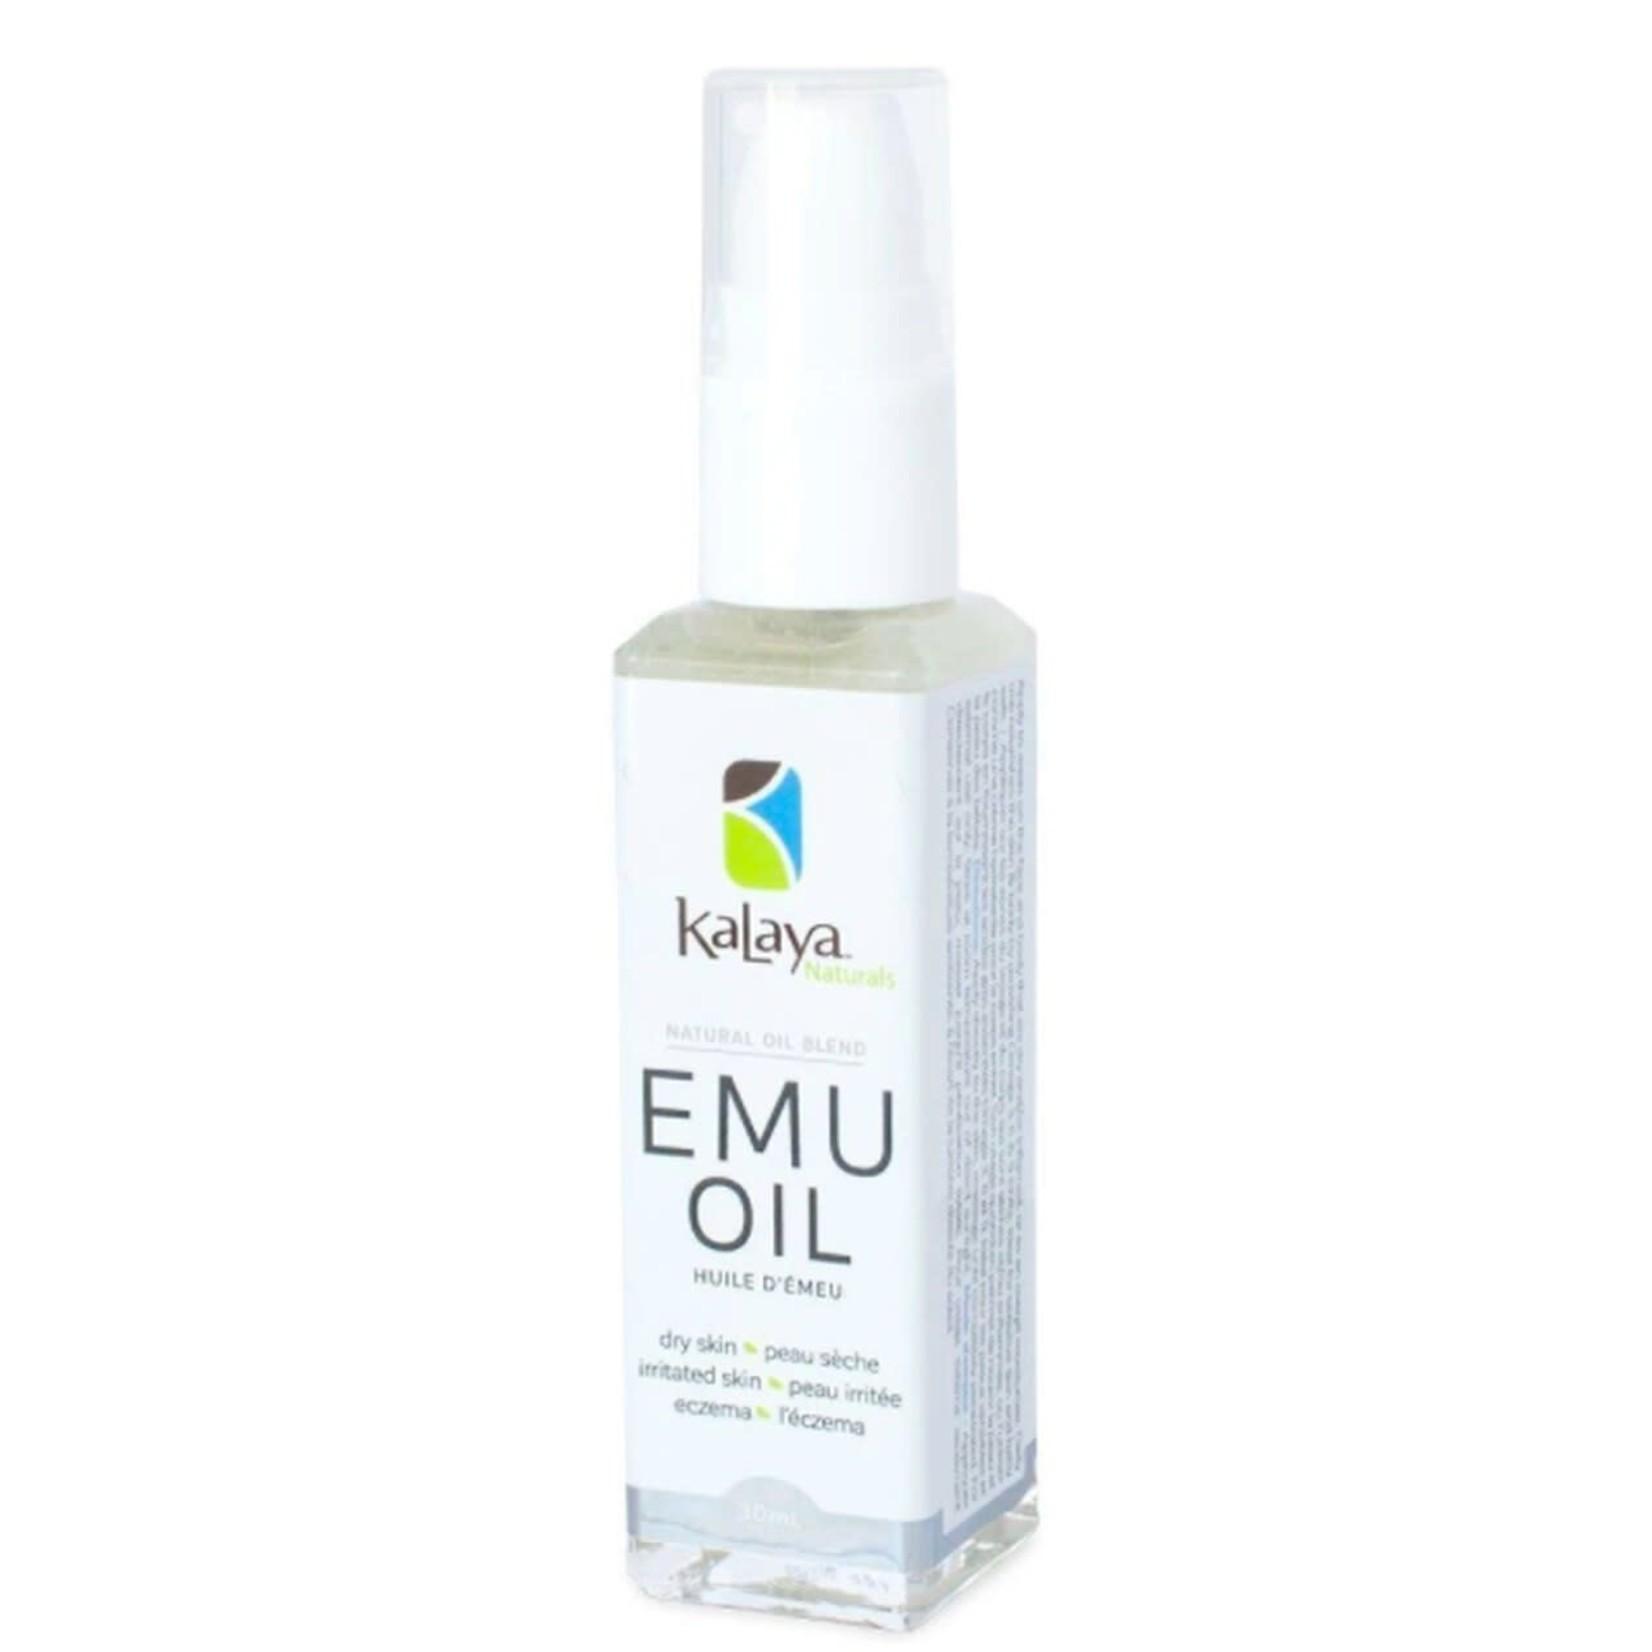 Kalaya Kalaya Emu Oil 30ml